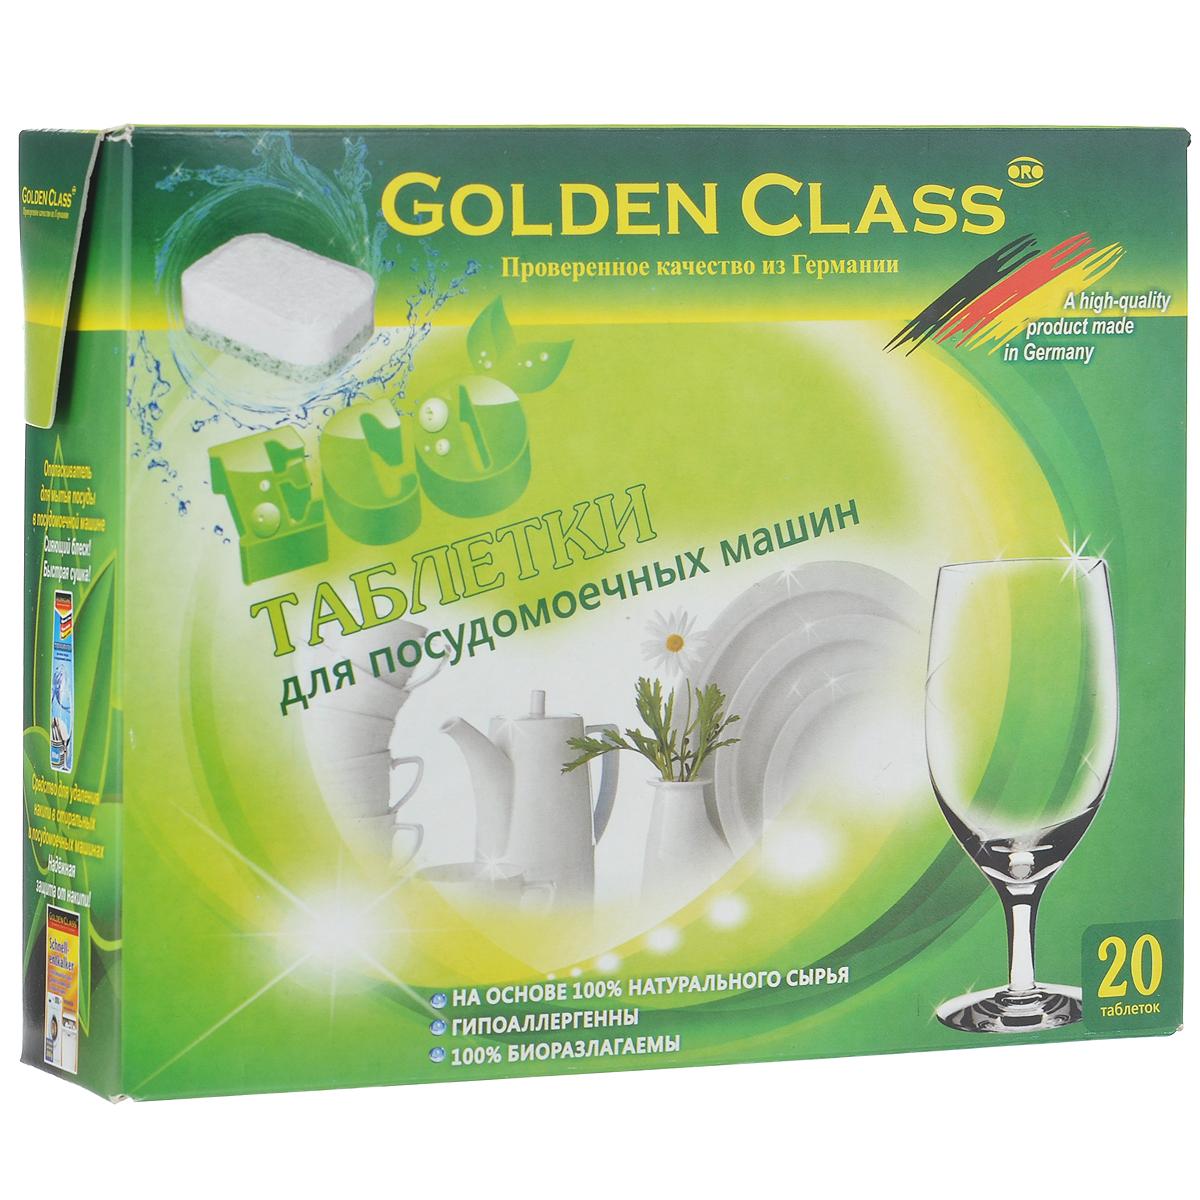 Таблетки для посудомоечных машин Golden Class, 20 шт6552Таблетки Golden Class предназначены для мытья посуды в посудомоечной машине любого типа и производителя. Благодаря кислороду и тщательно подобранным 100% натуральным активным компонентам, но в то же время деликатно, не повреждая посуды, растворяют любые, даже самые стойкие загрязнения и остатки пищи. Очищают с помощью веществ, не наносящих вреда человеку и окружающей среде. Не содержат фосфатов, ПАВ на основе нефтехимии, синтетических консервантов, отбеливающих компонентов на основе пербората натрия, красителей и других агрессивных компонентов. Душистые добавки средства не аллергенны. Таблетки способны к биологическому разложению. Количество таблеток: 20 шт. Состав: 5-15% очищающих компонентов на основе кислорода, менее 5% неионных ПАВ на растительной основе, поликарбоксилаты, натуральная отдушка, энзимы (протеаза, амилаза). Товар сертифицирован.